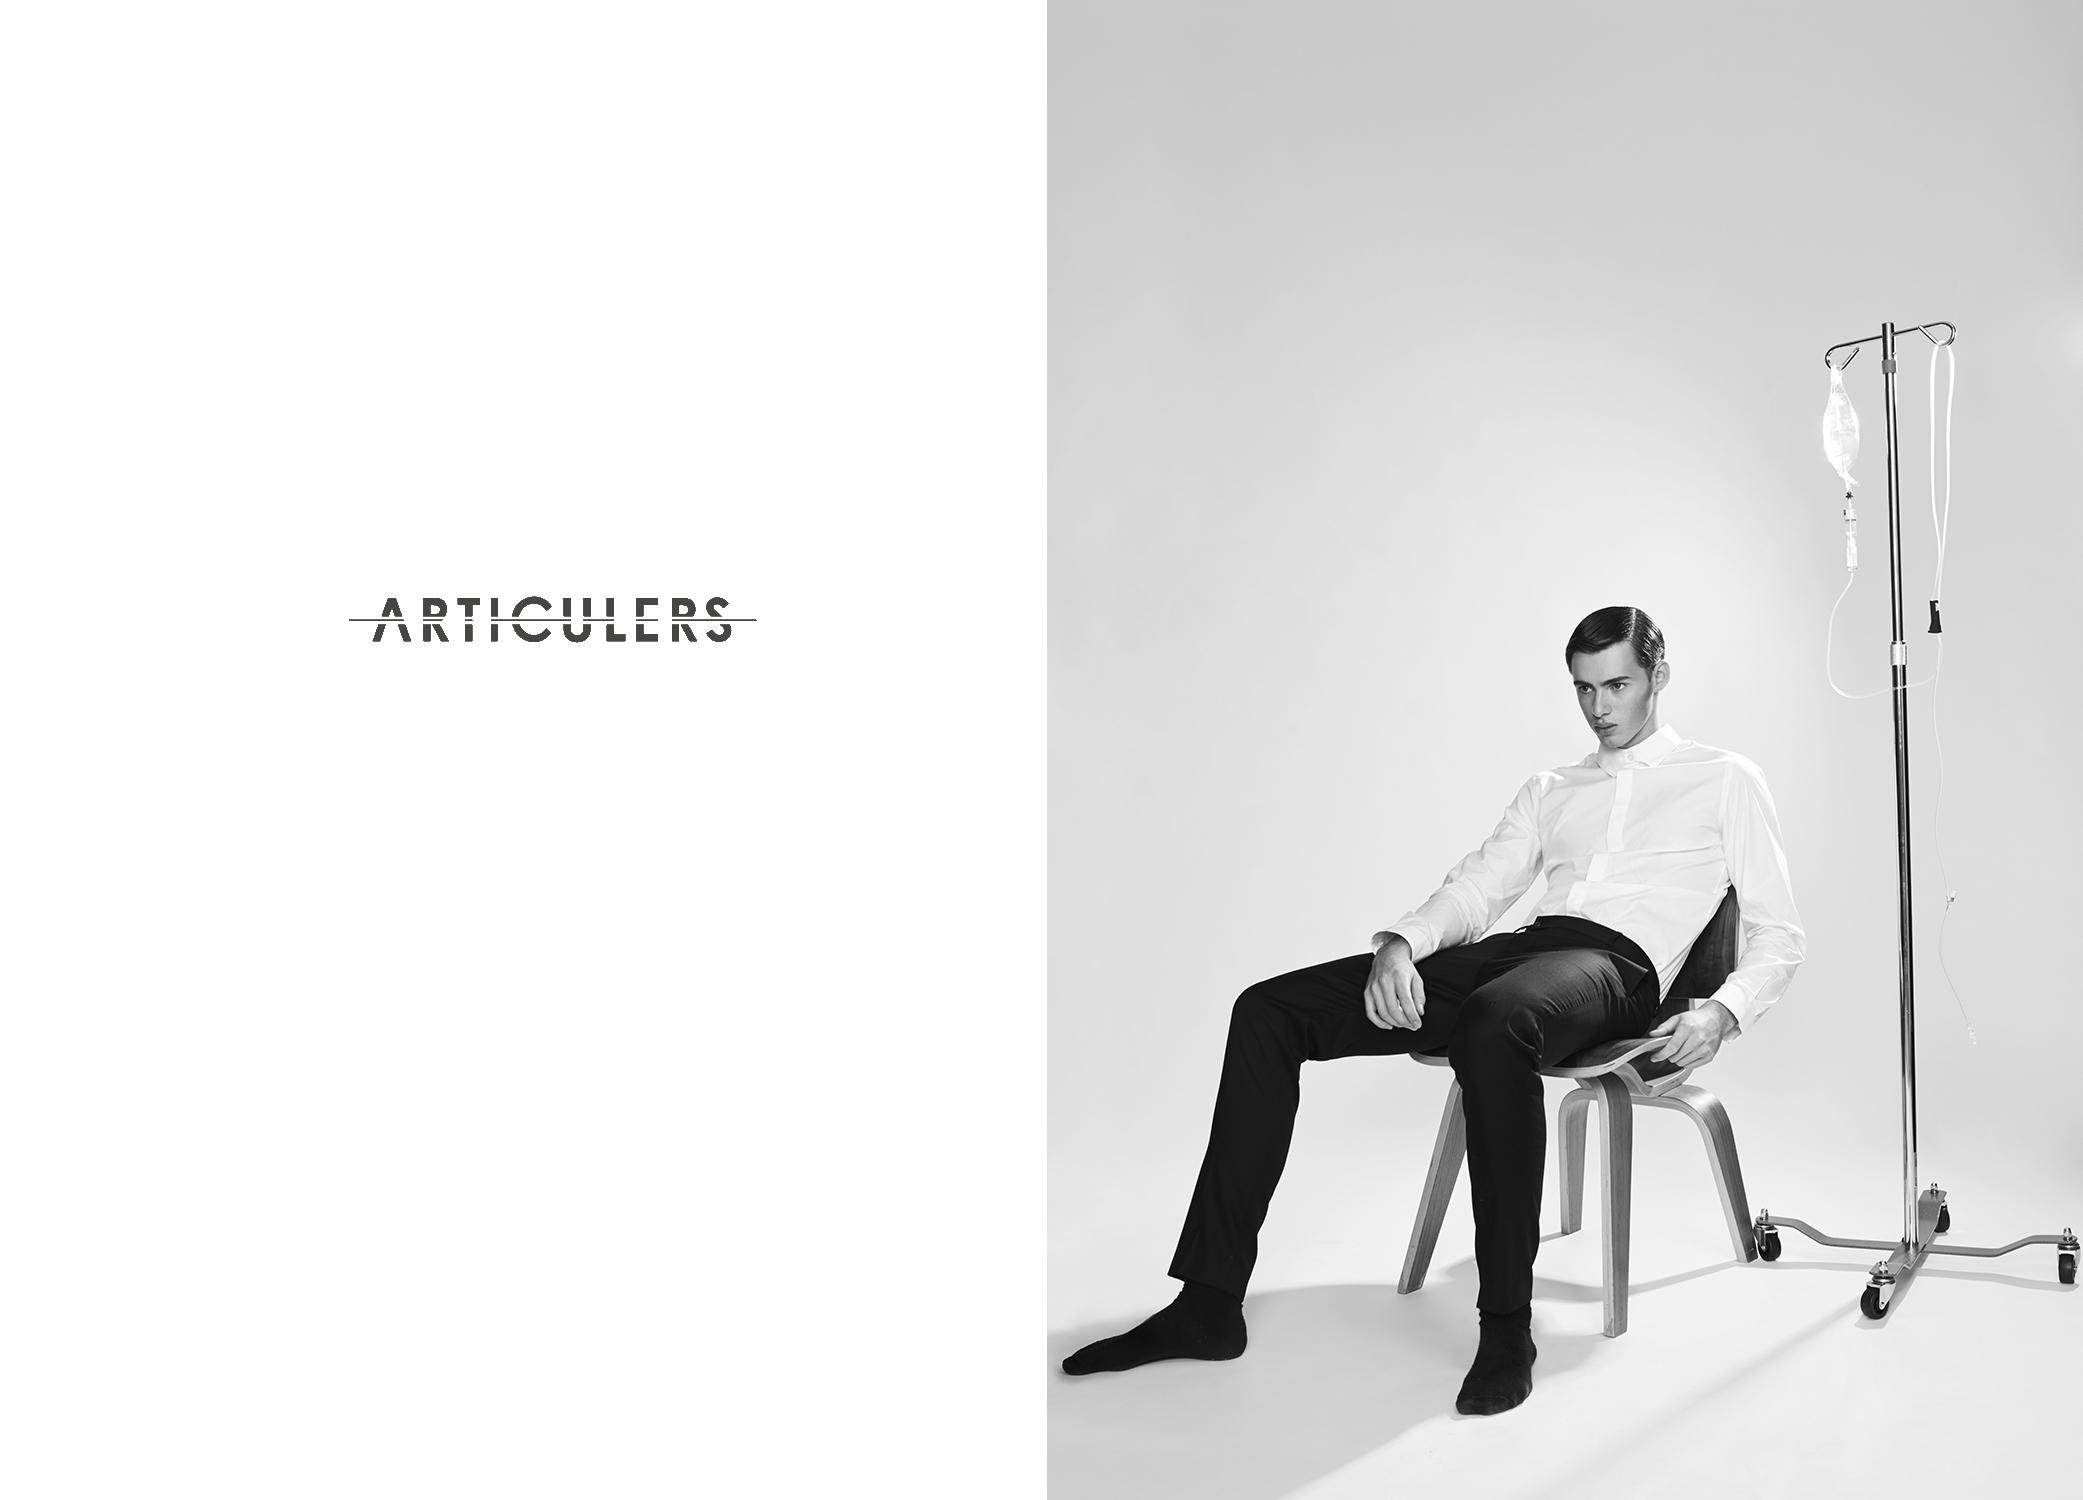 140401-Articulers-02-156.jpg